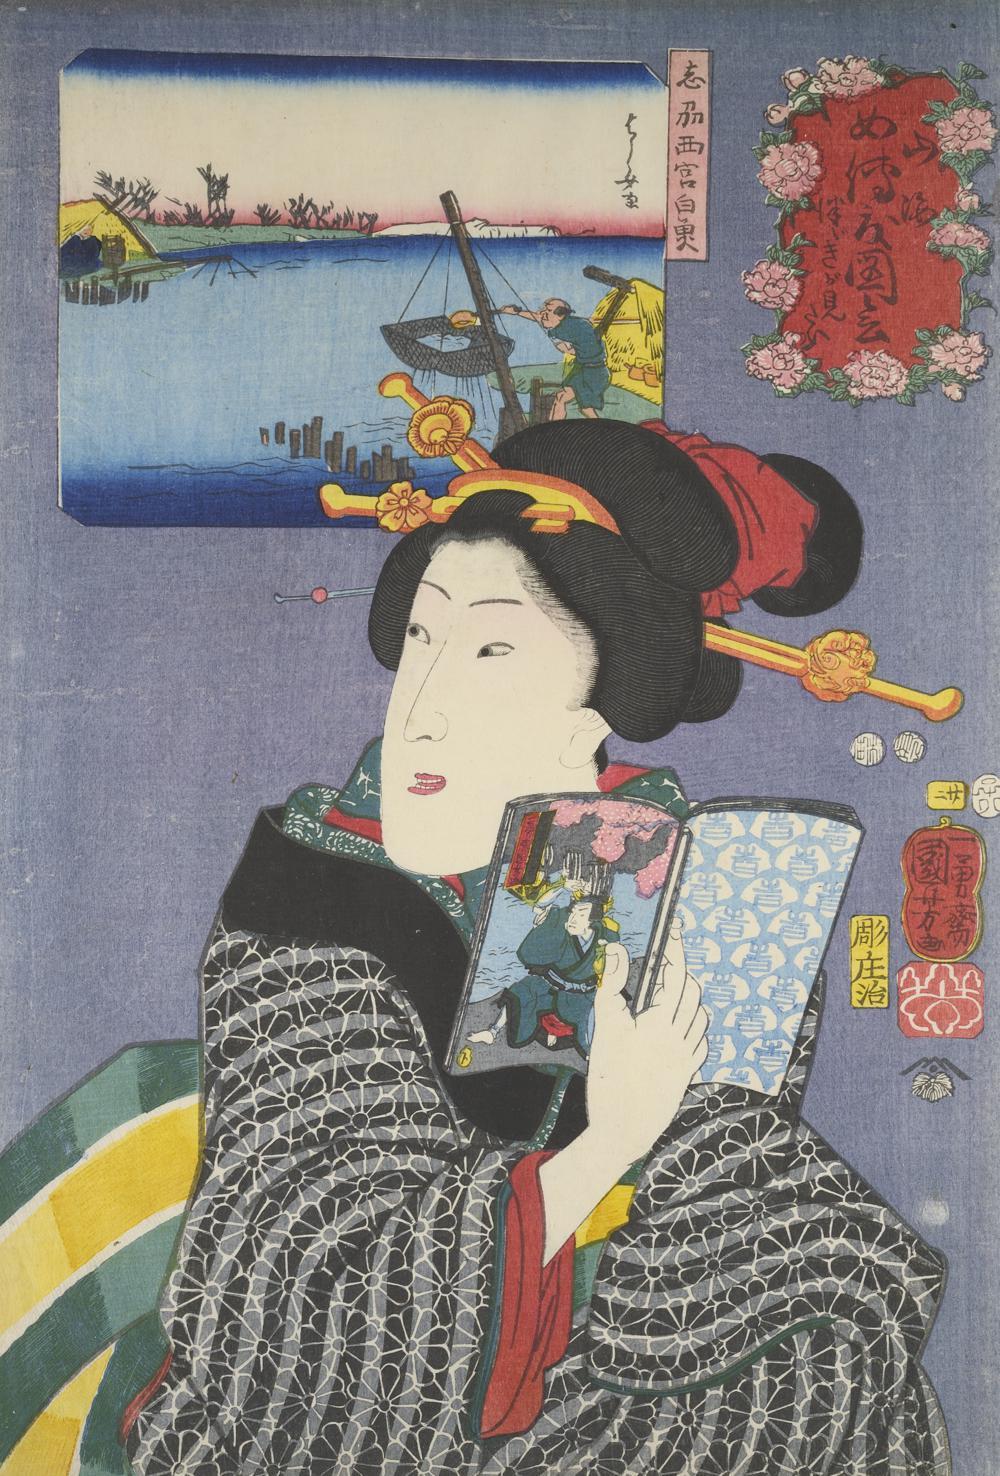 MKG_Hokusai_x_Manga_Kuniyoshi_Frau_mit_Manga